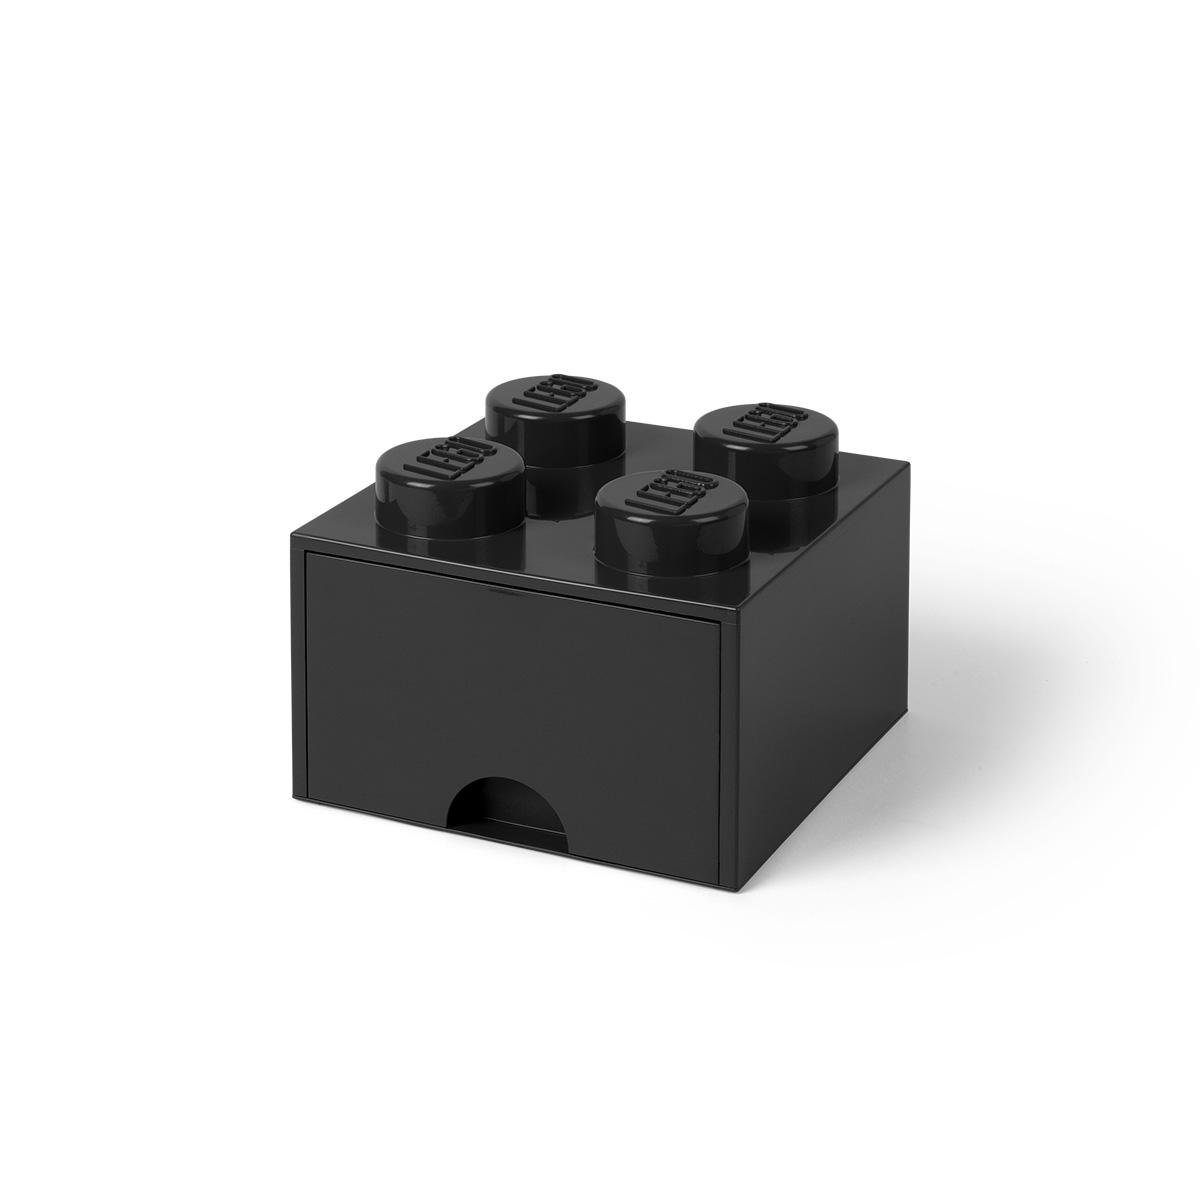 LEGO opbevaringskasse med 1 skuffe - Sort